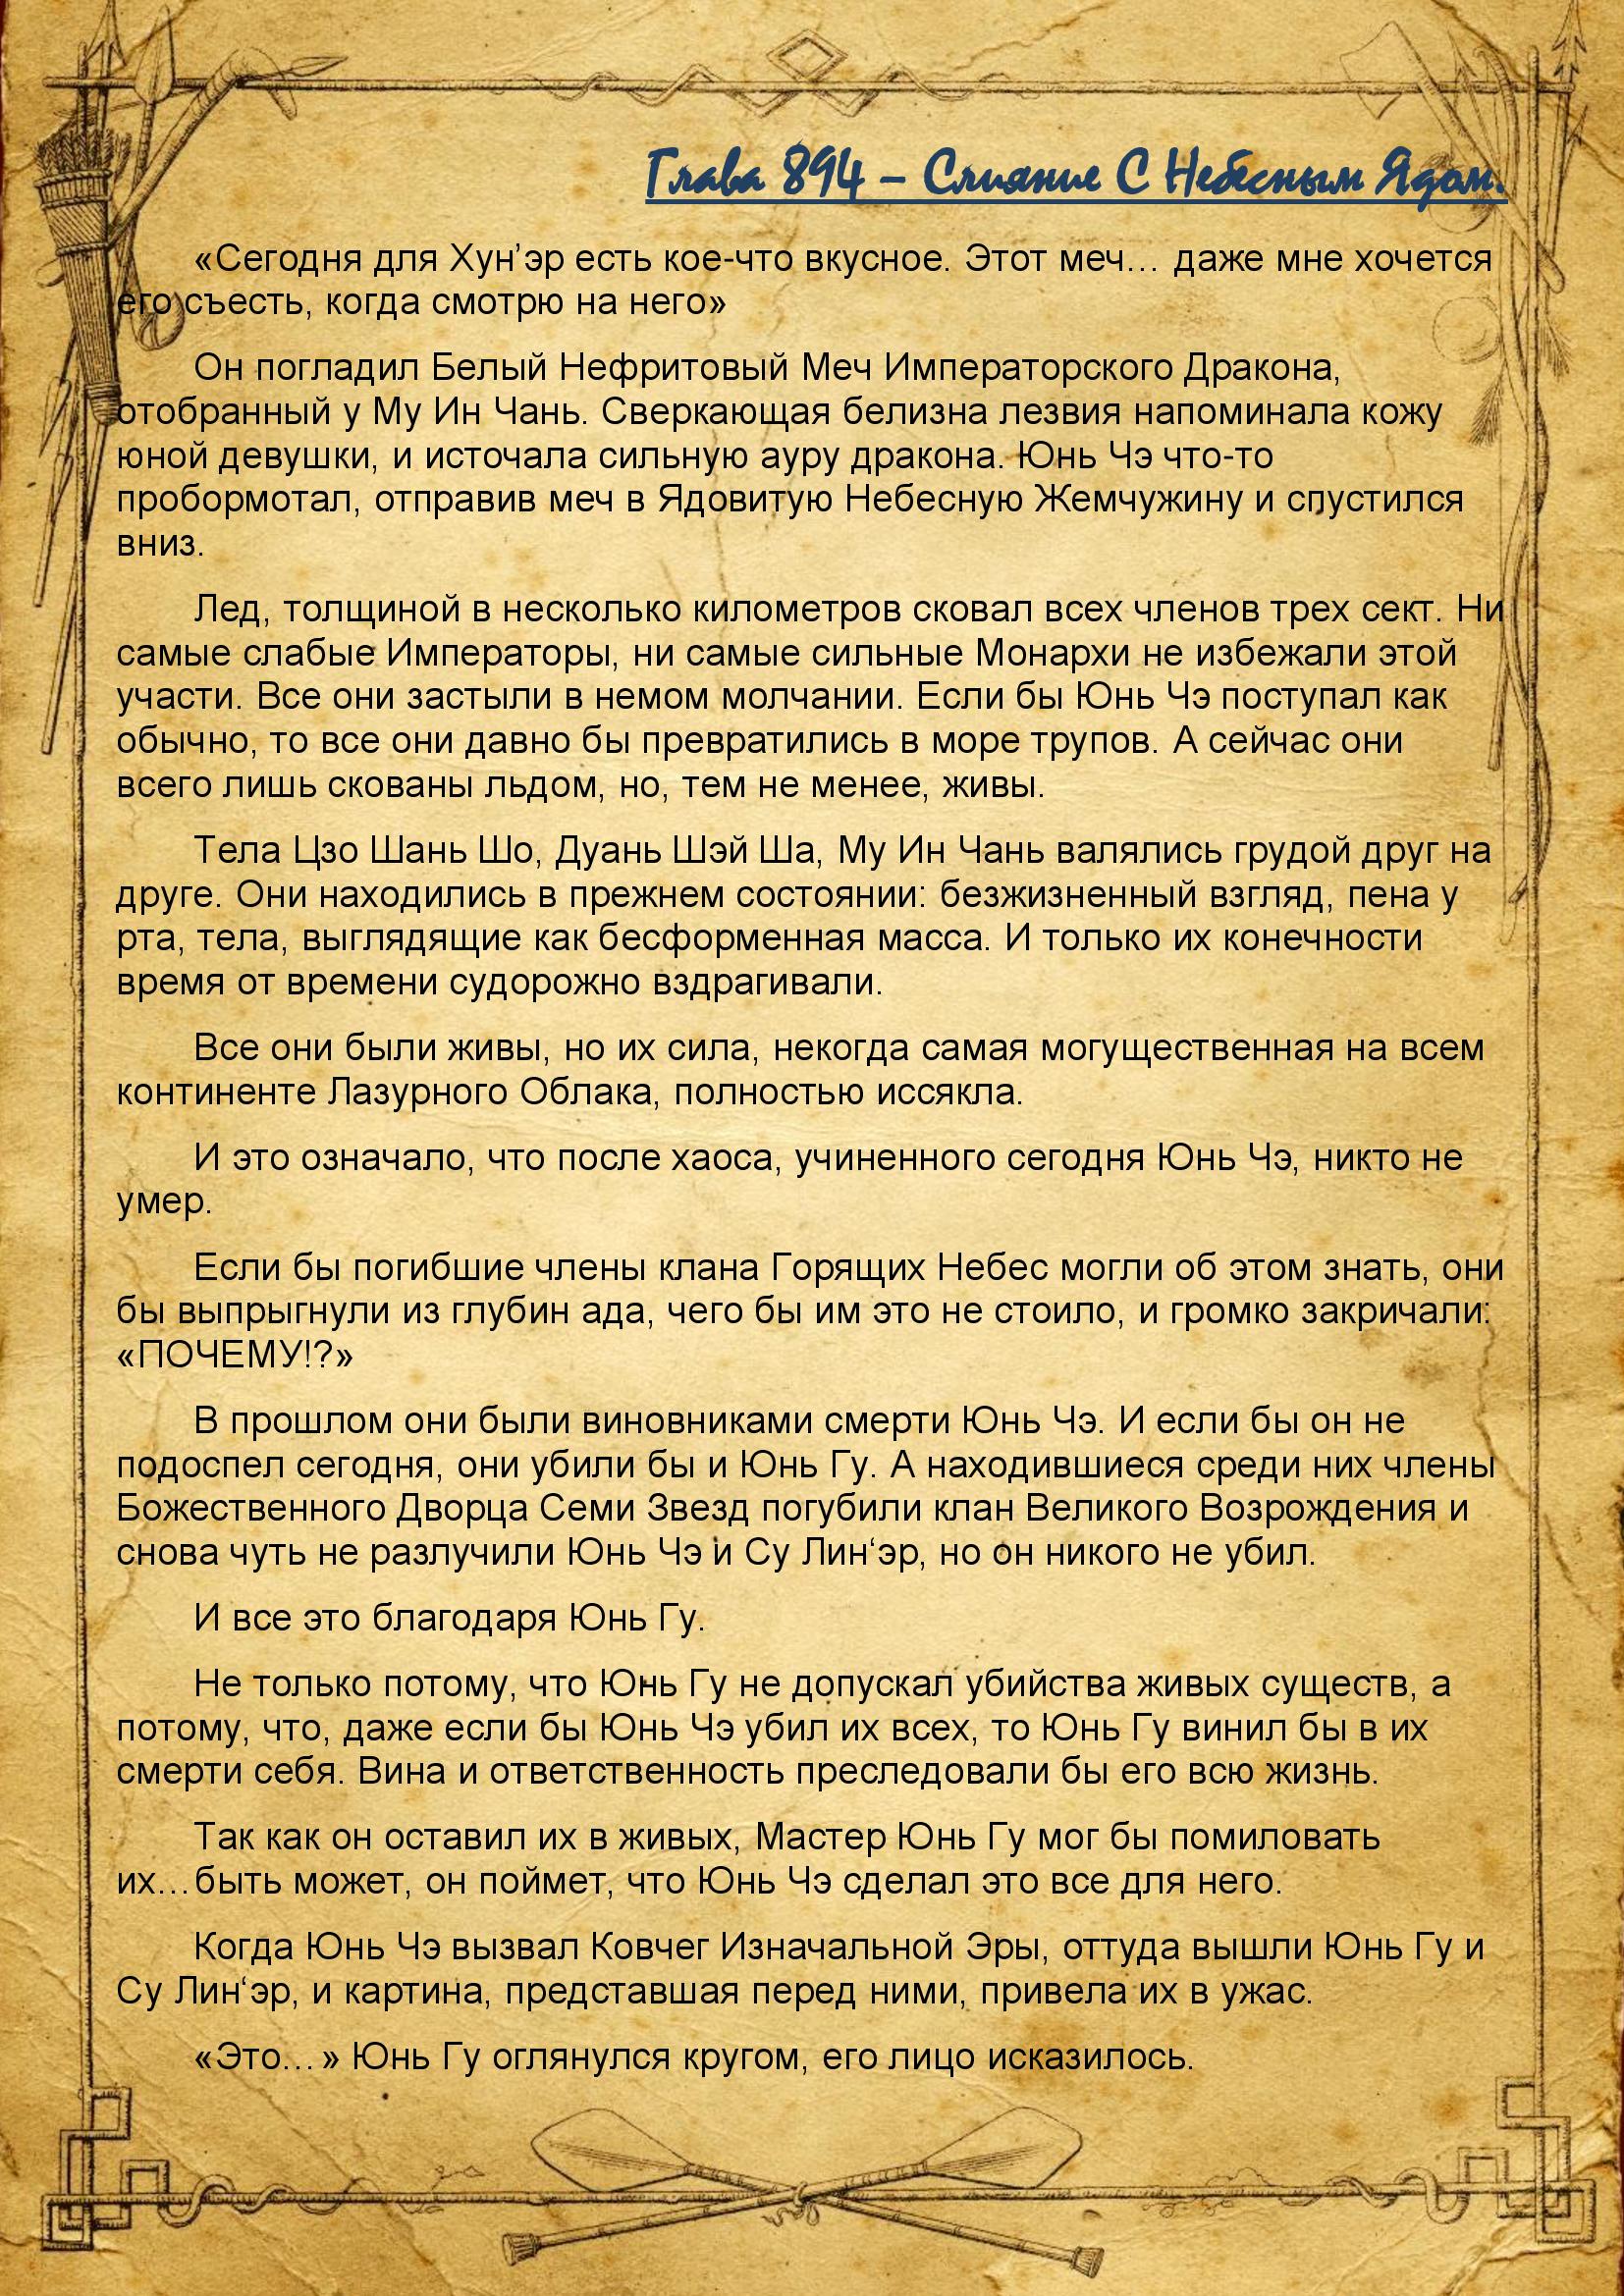 Восставший против Неба v8 - 894